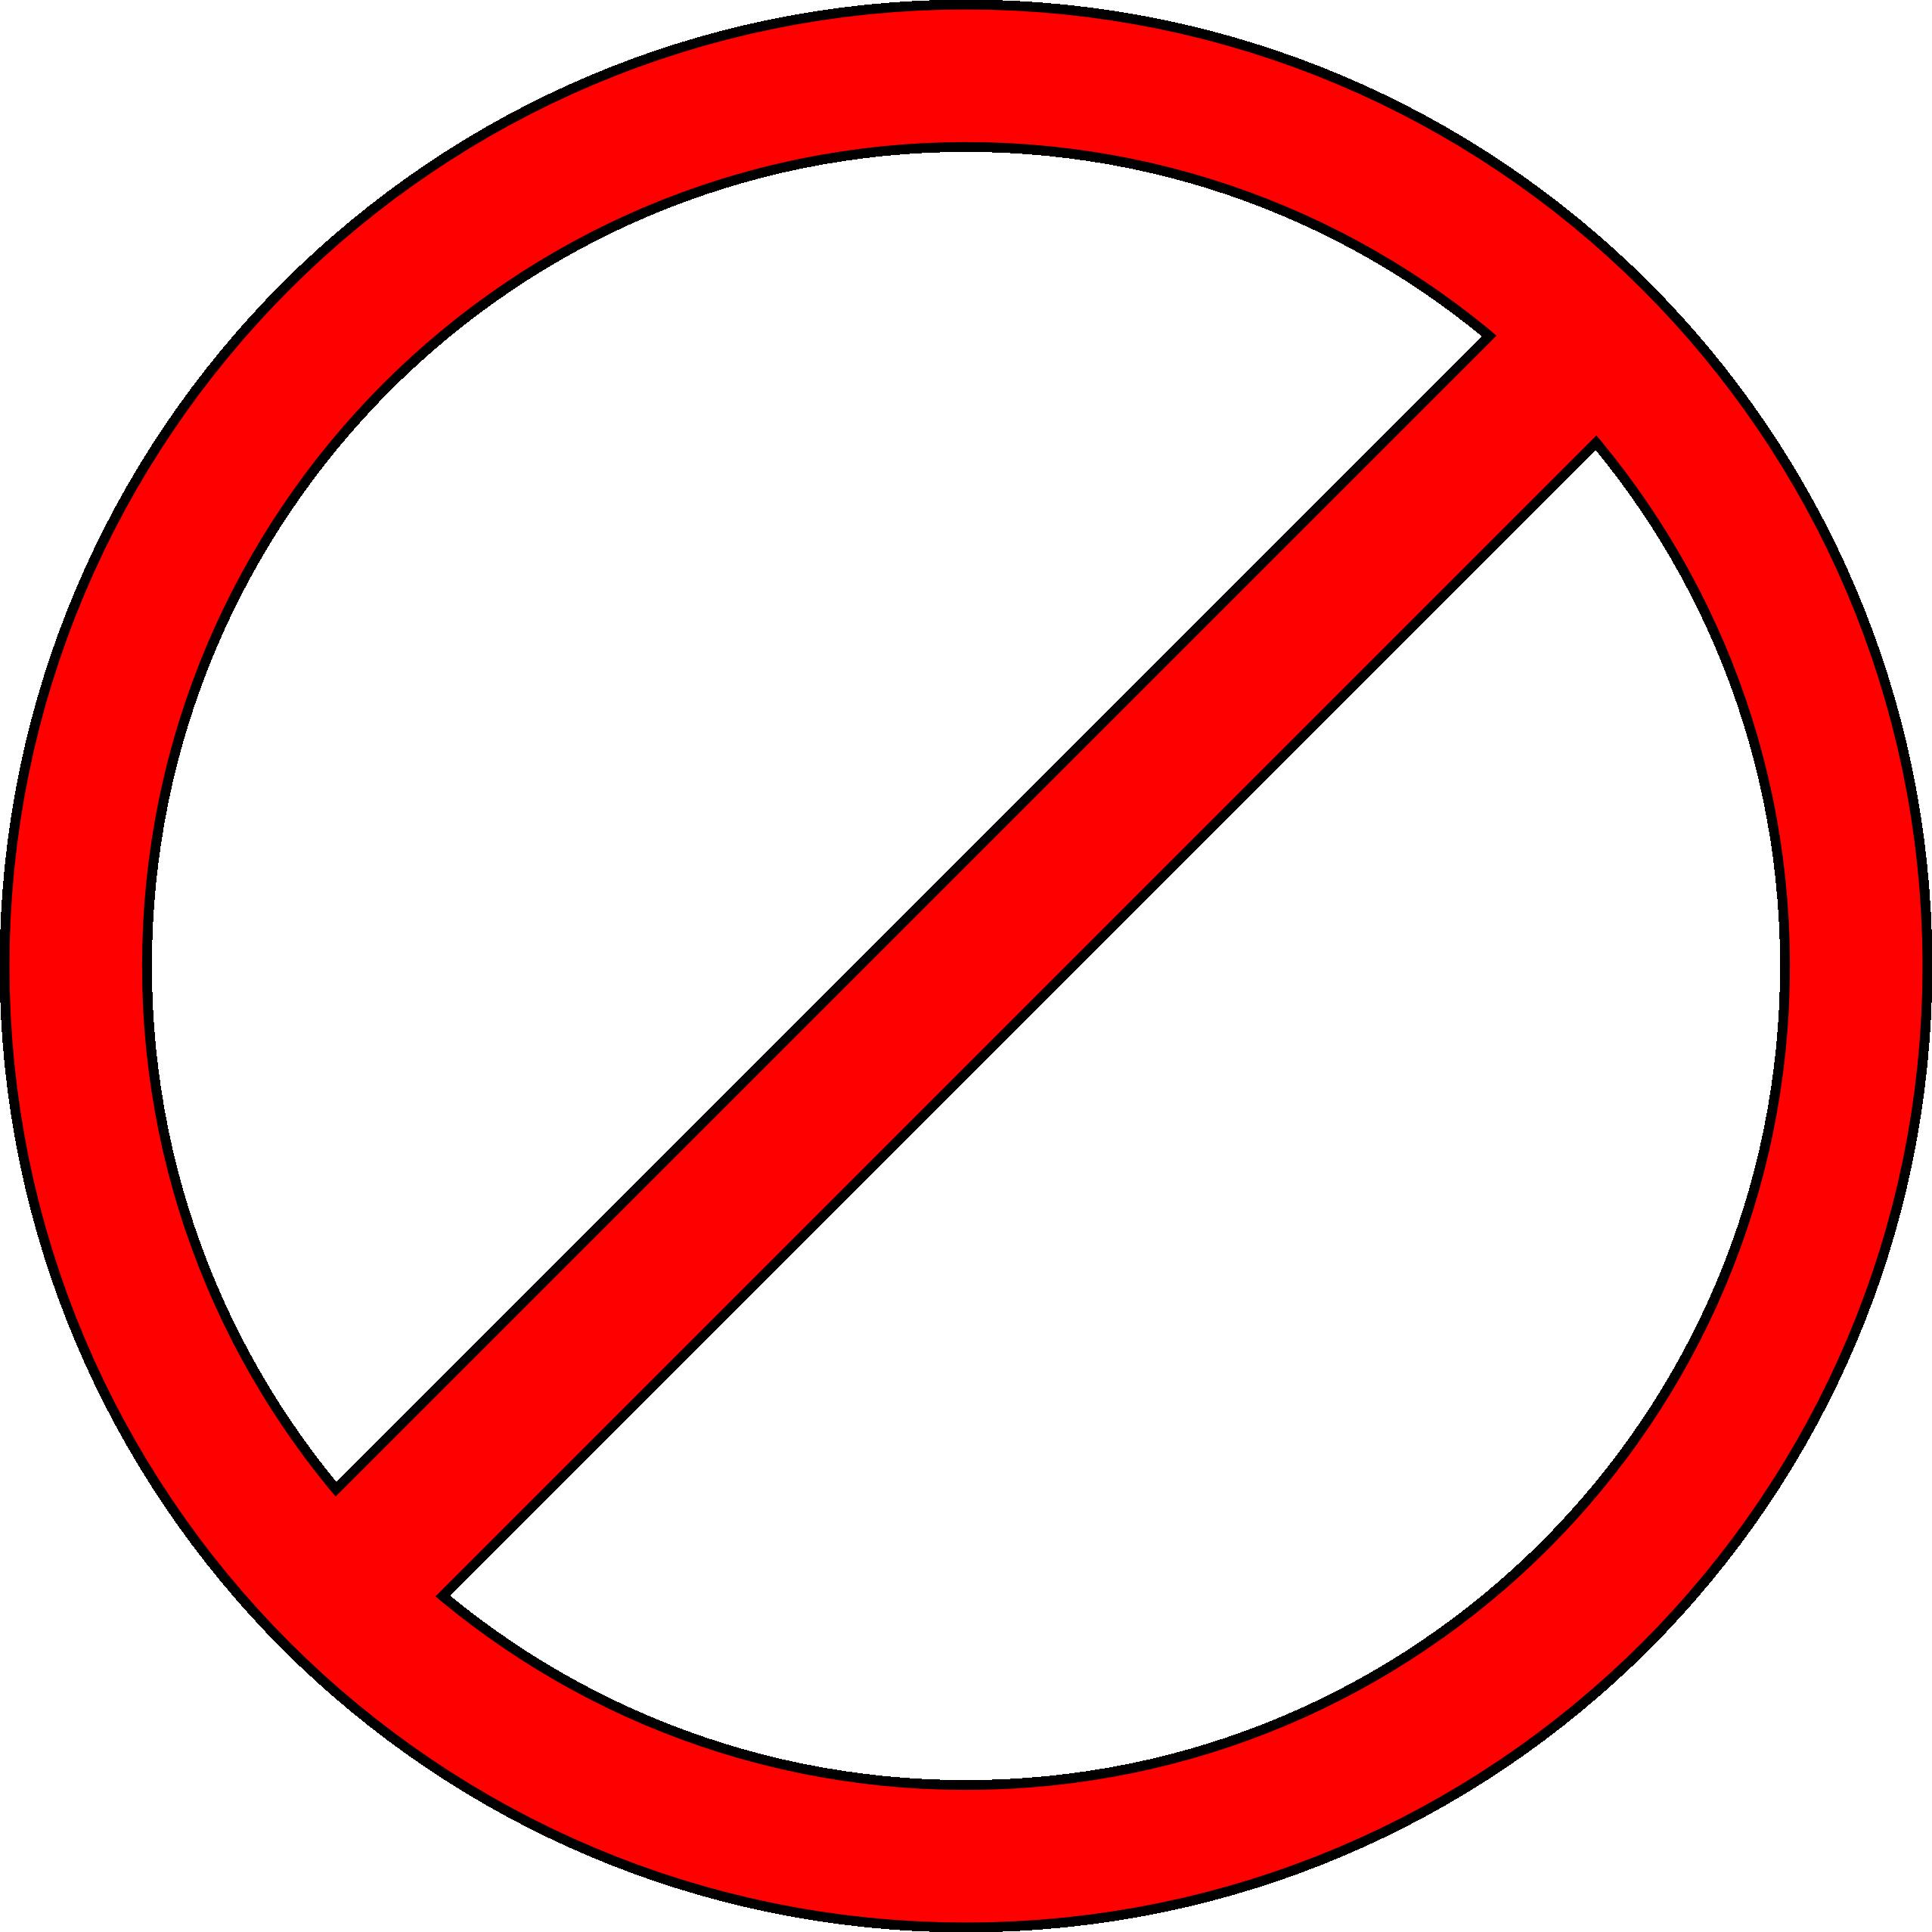 No symbol Clip art.